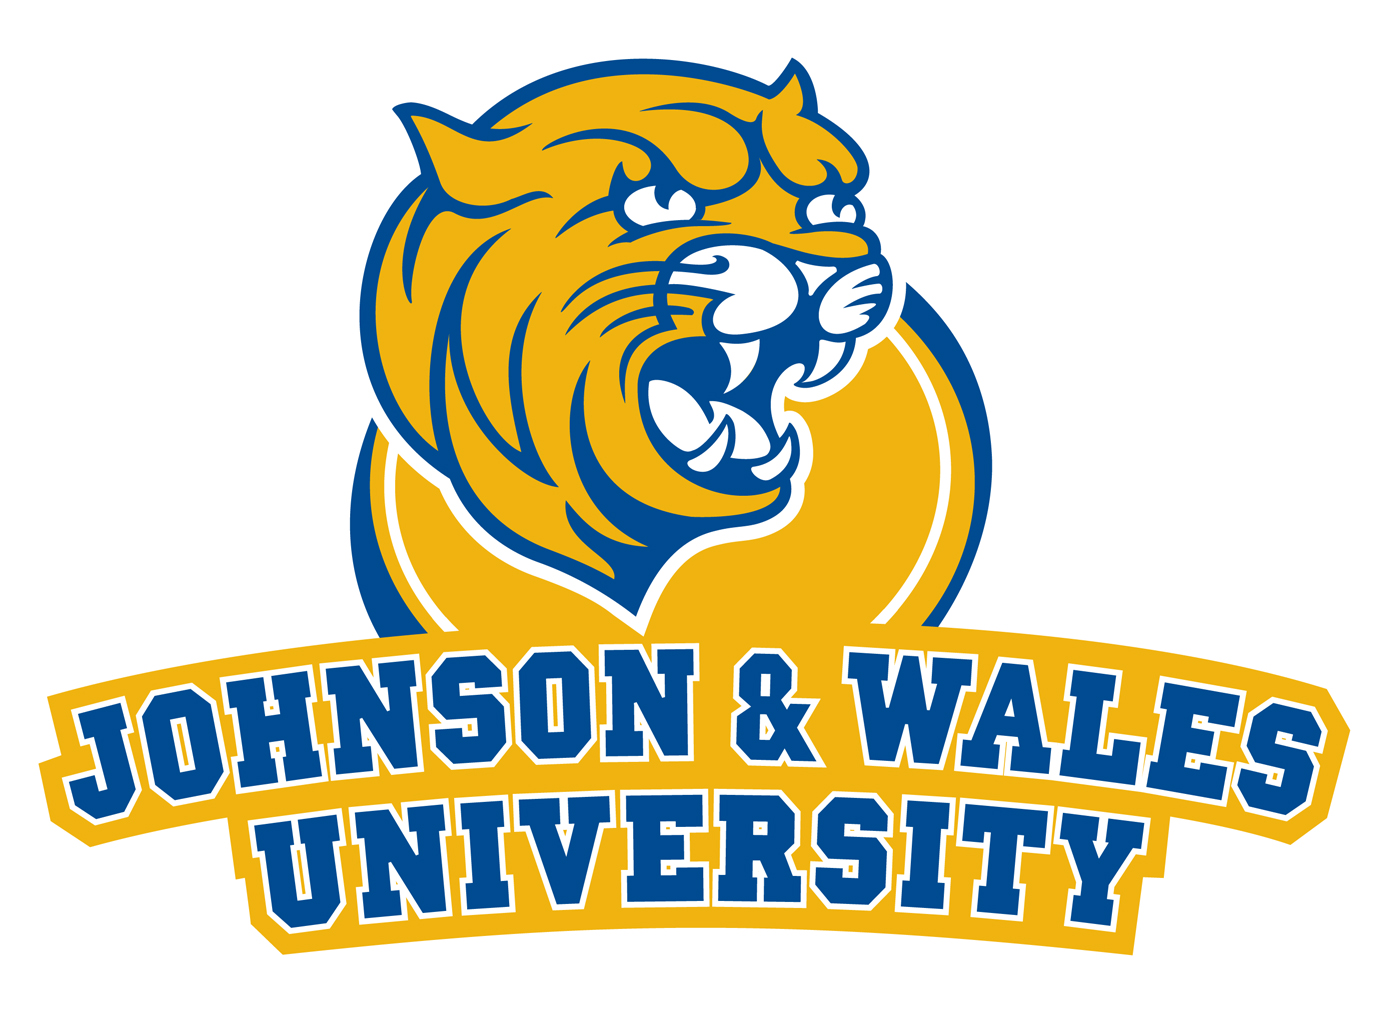 Johnson and wales Logos.